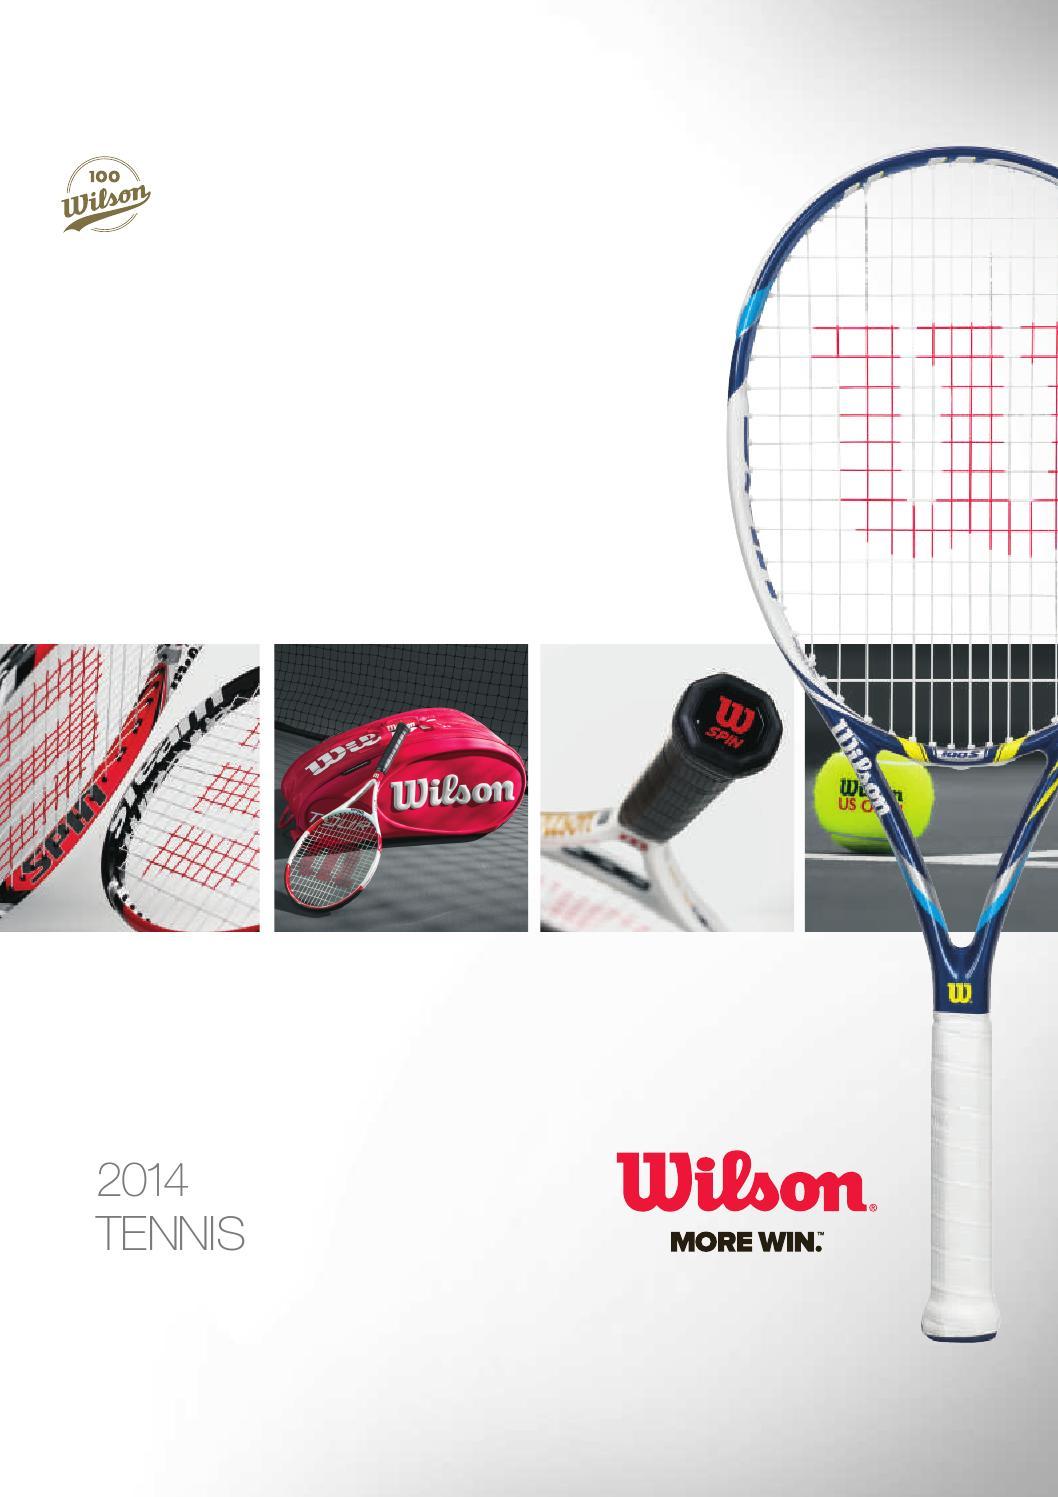 New 2014 Wilson Six-One 95 16x18 11.7oz 4 1//4 grip Tennis Racquet